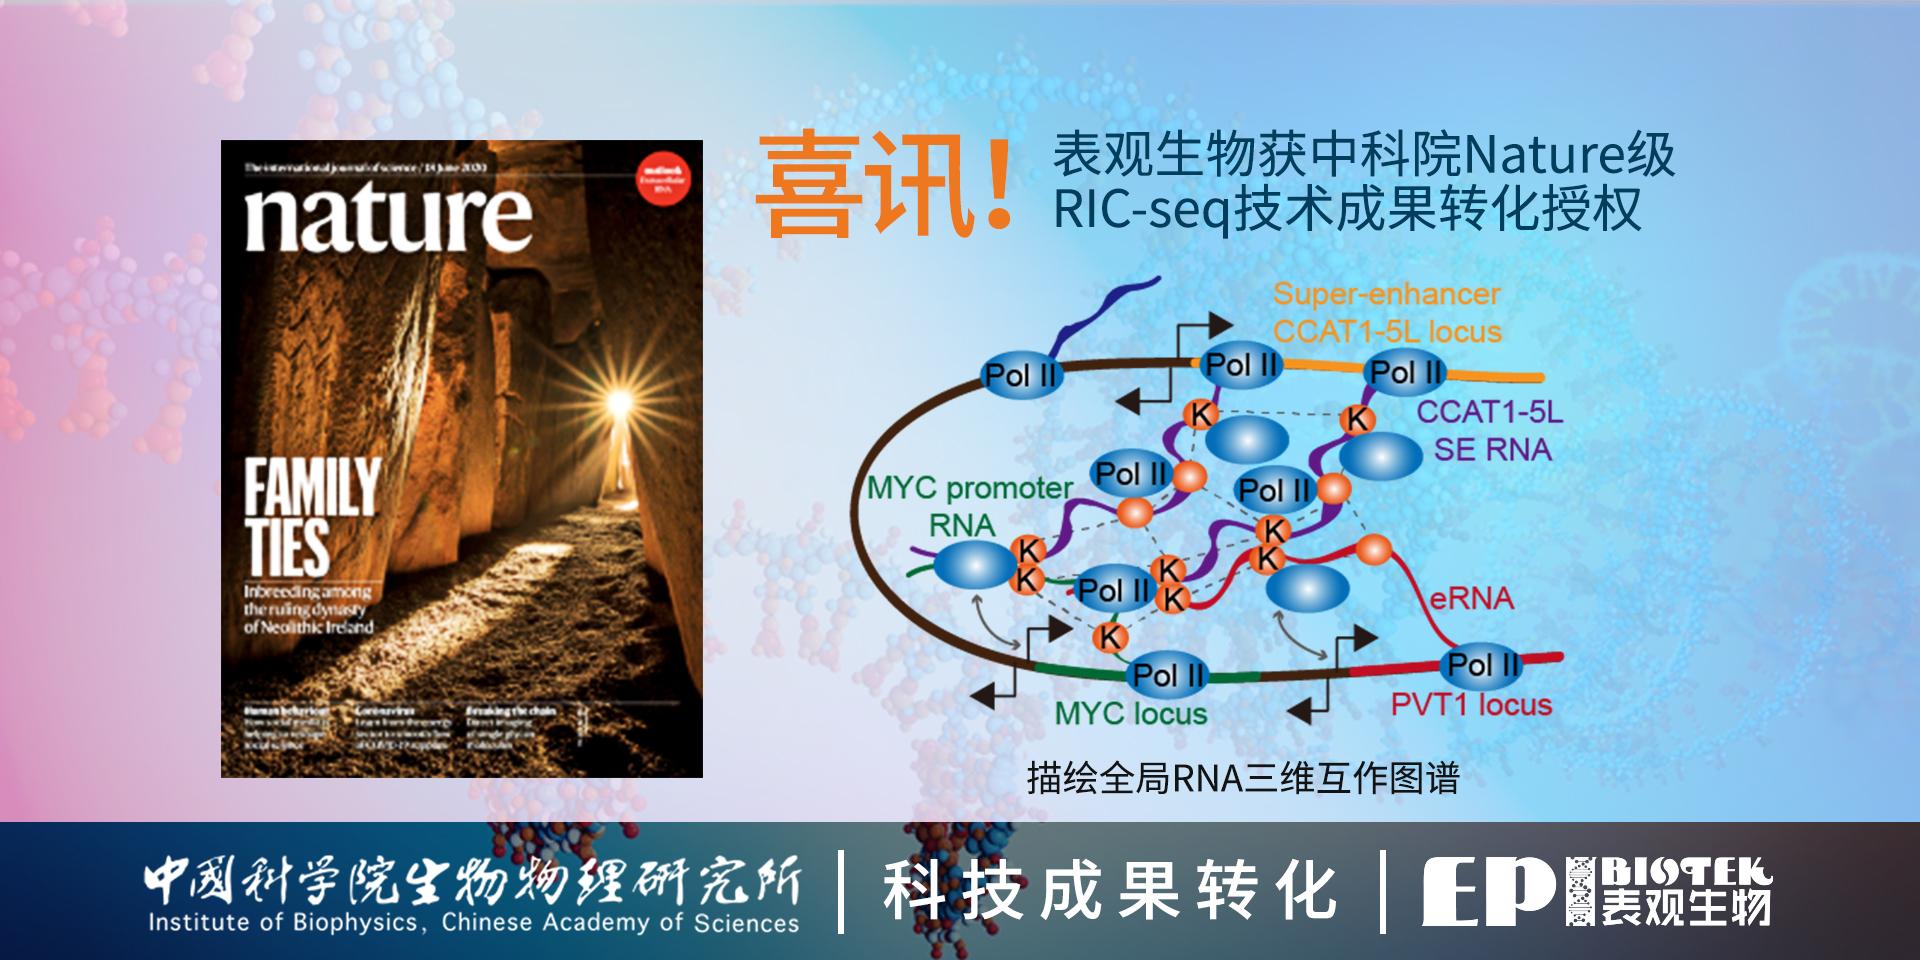 广州表观生物科技有限公司-69-3轮播图